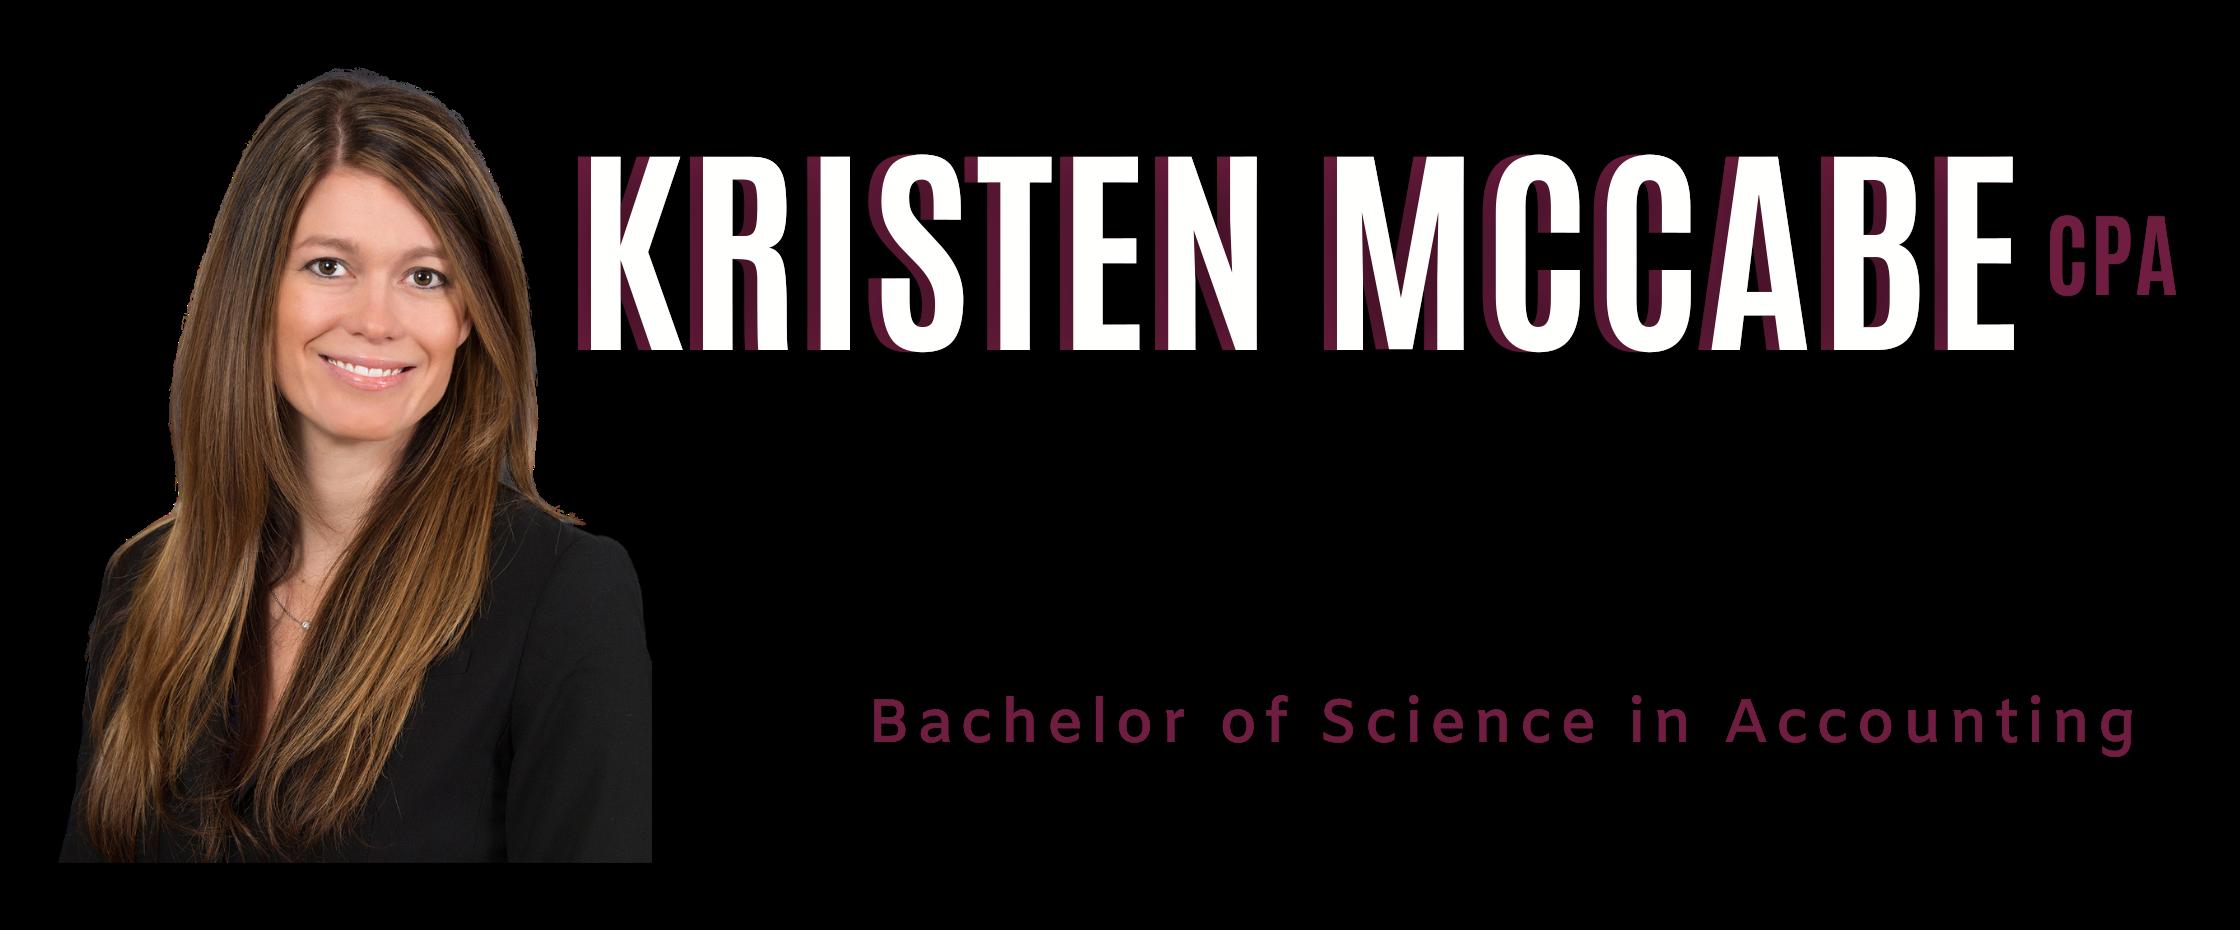 KristenMcCabe-1